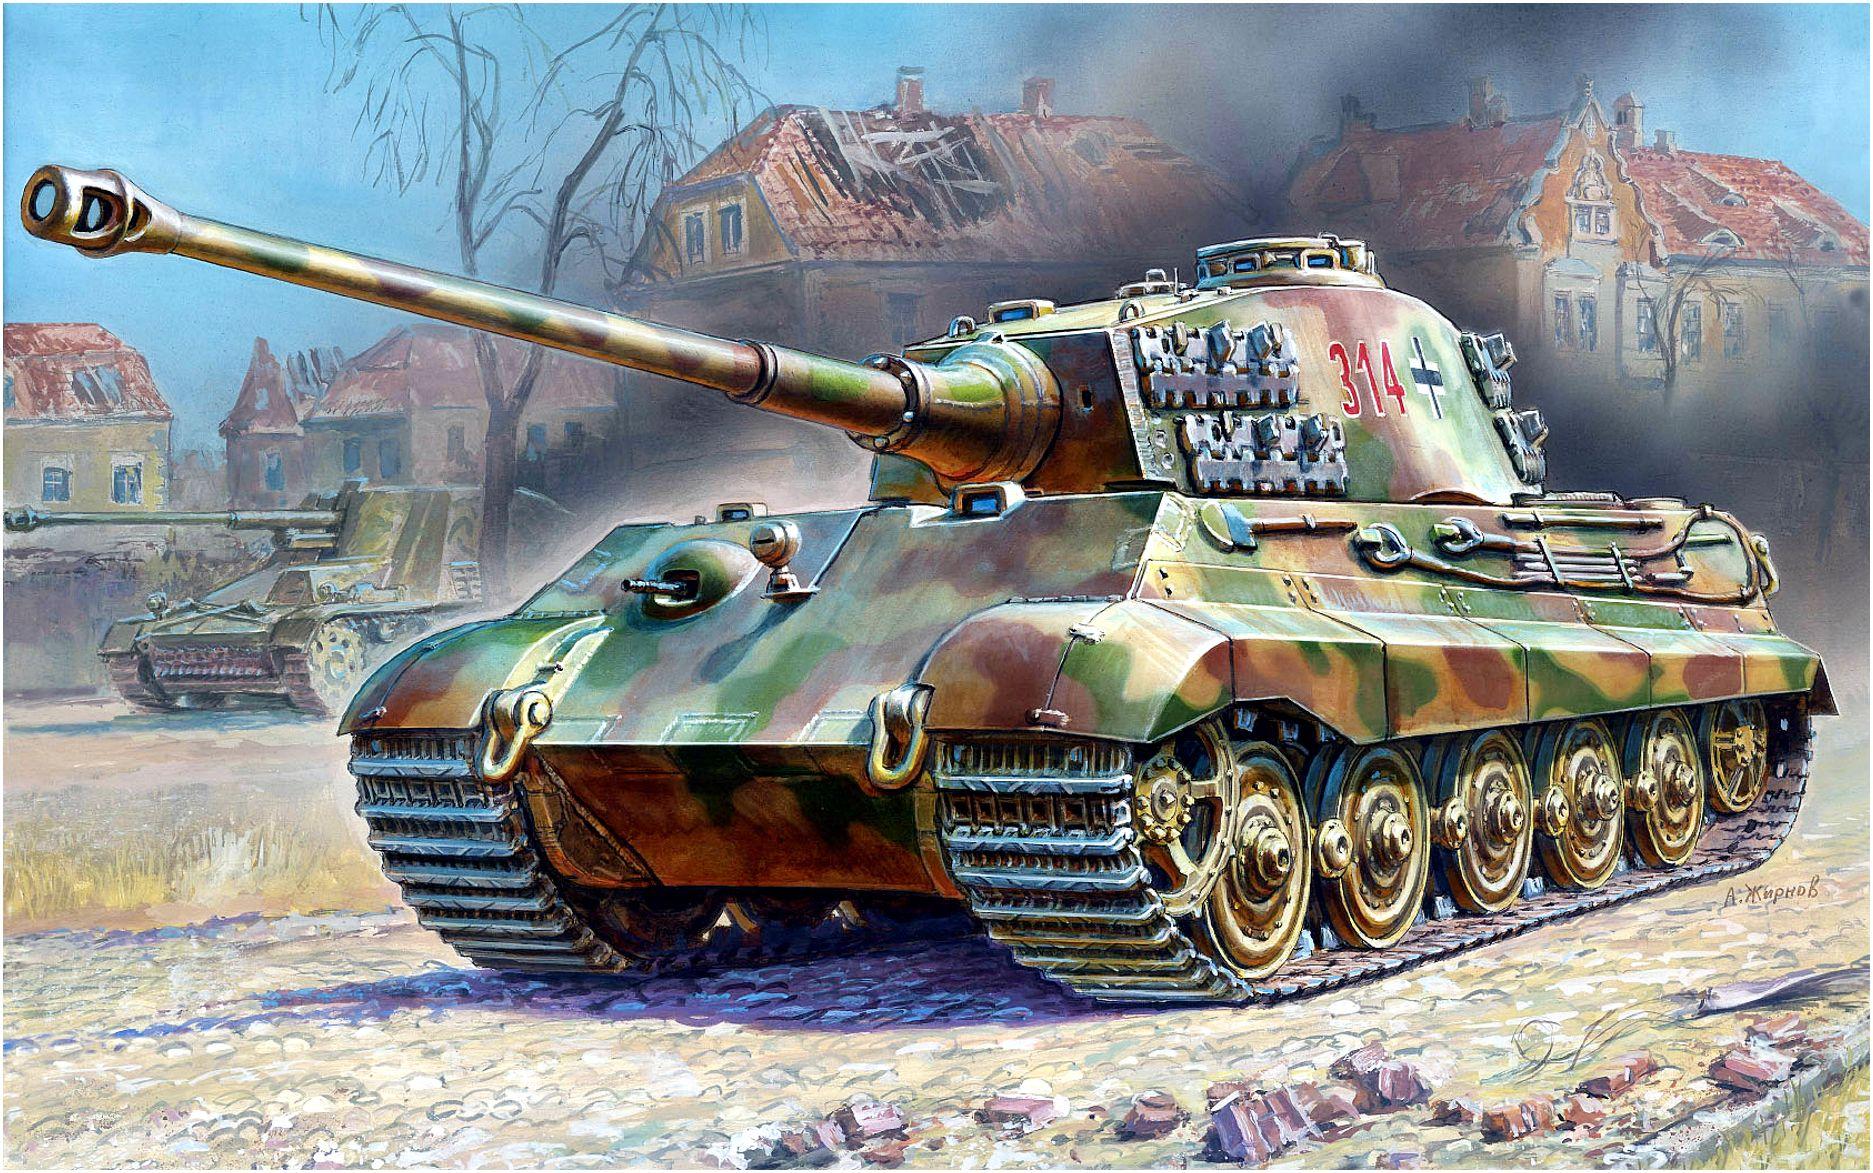 Жирнов Андрей. Танк Pz.Kpfw. VI Ausf. B.